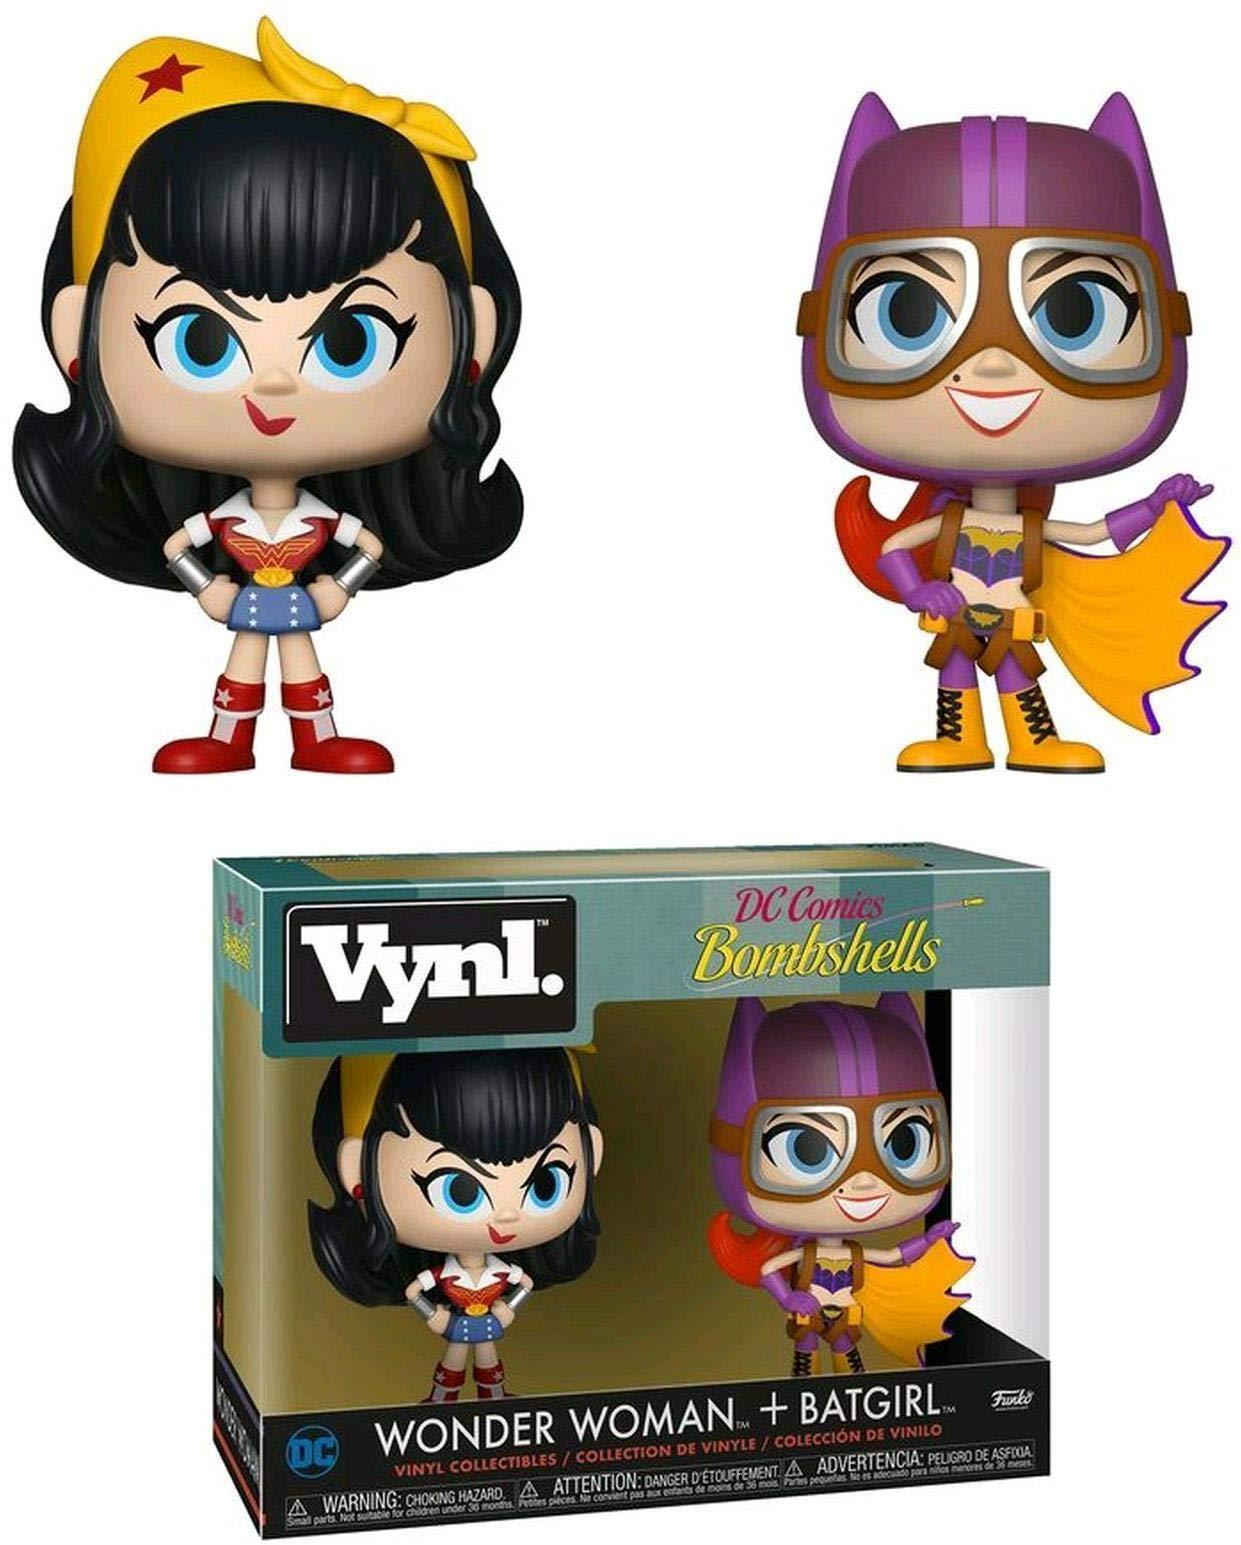 Pack de 2 Figurines Funko Vynl: Wonder Woman & Batgirl: Amazon.es: Juguetes y juegos